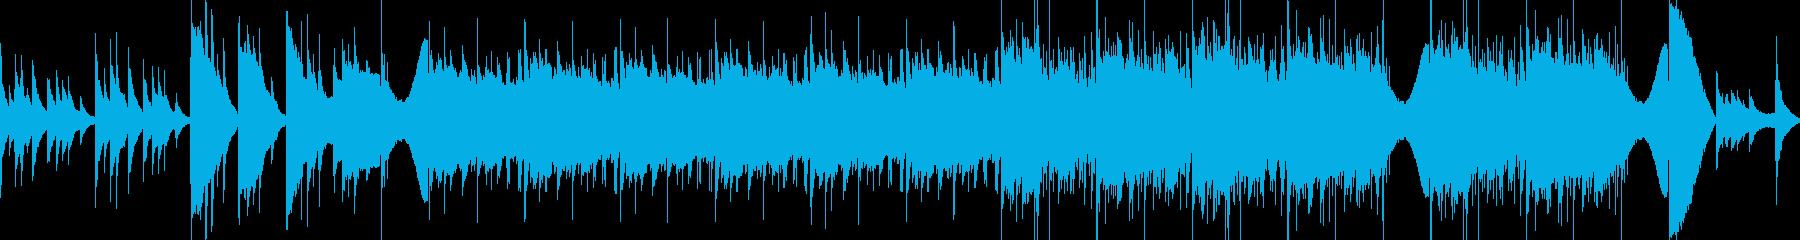 イントロバレエ、ウォーキング、オペ...の再生済みの波形